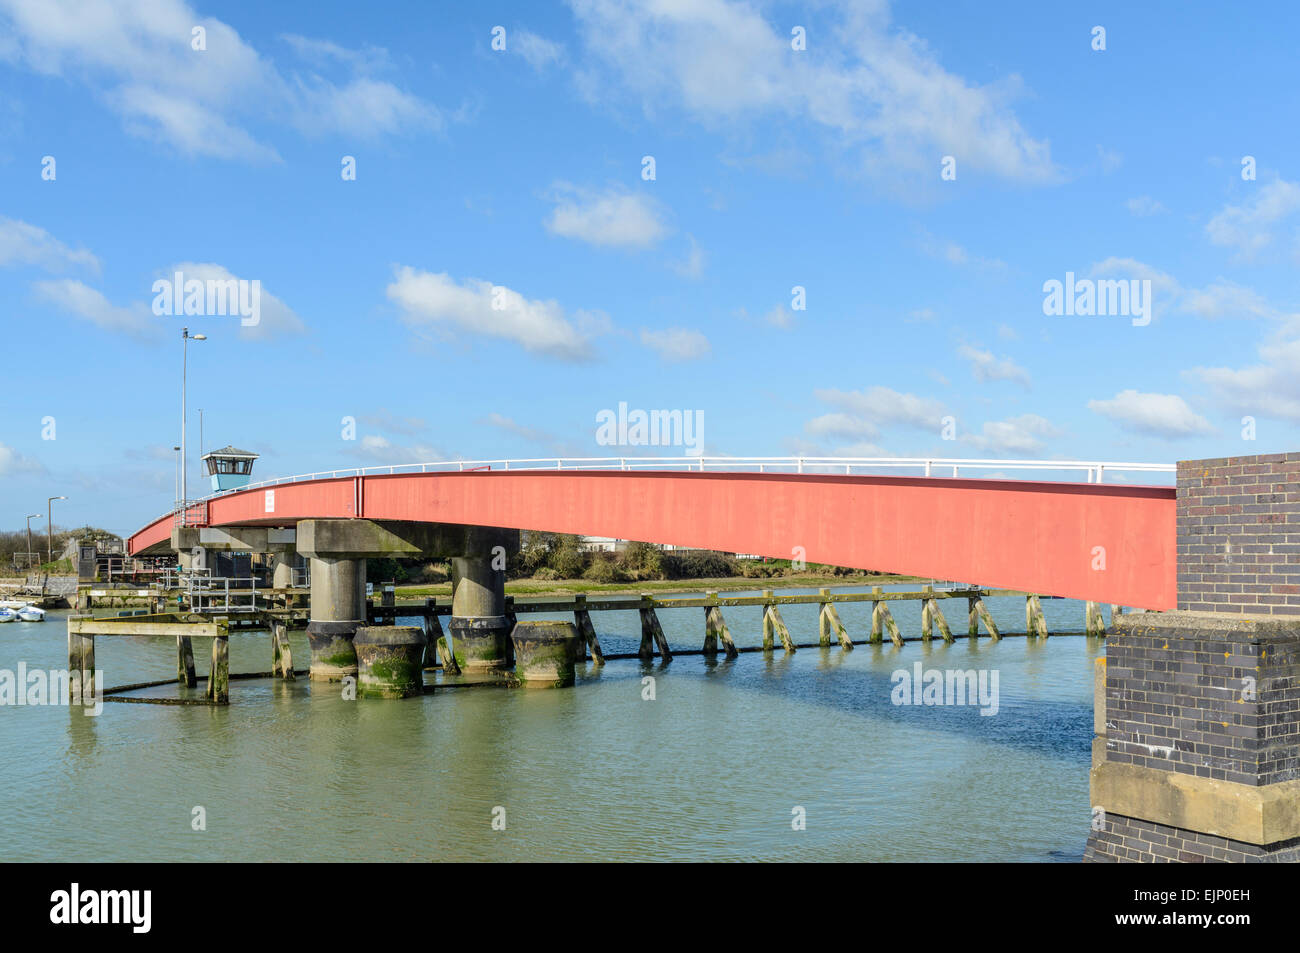 Retractable footbridge across the River Arun in Littlehampton, West Sussex, England, UK. - Stock Image